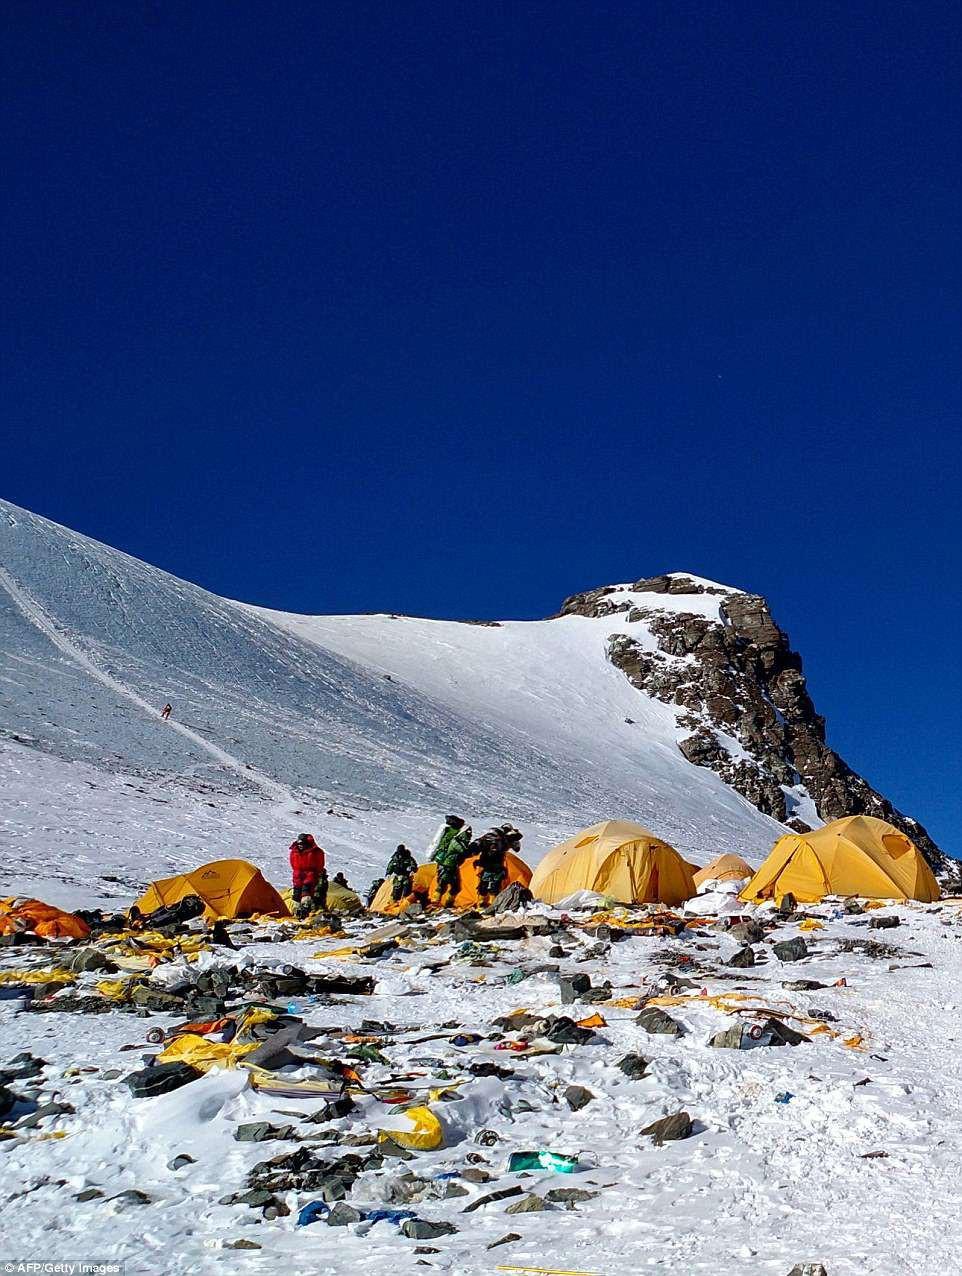 Những bức hình gây ám ảnh nhất trên hành trình chinh phục đỉnh Everest: Từ các cột mốc thi thể đến sự thật kinh hoàng hiện ra khi tuyết tan - Ảnh 5.